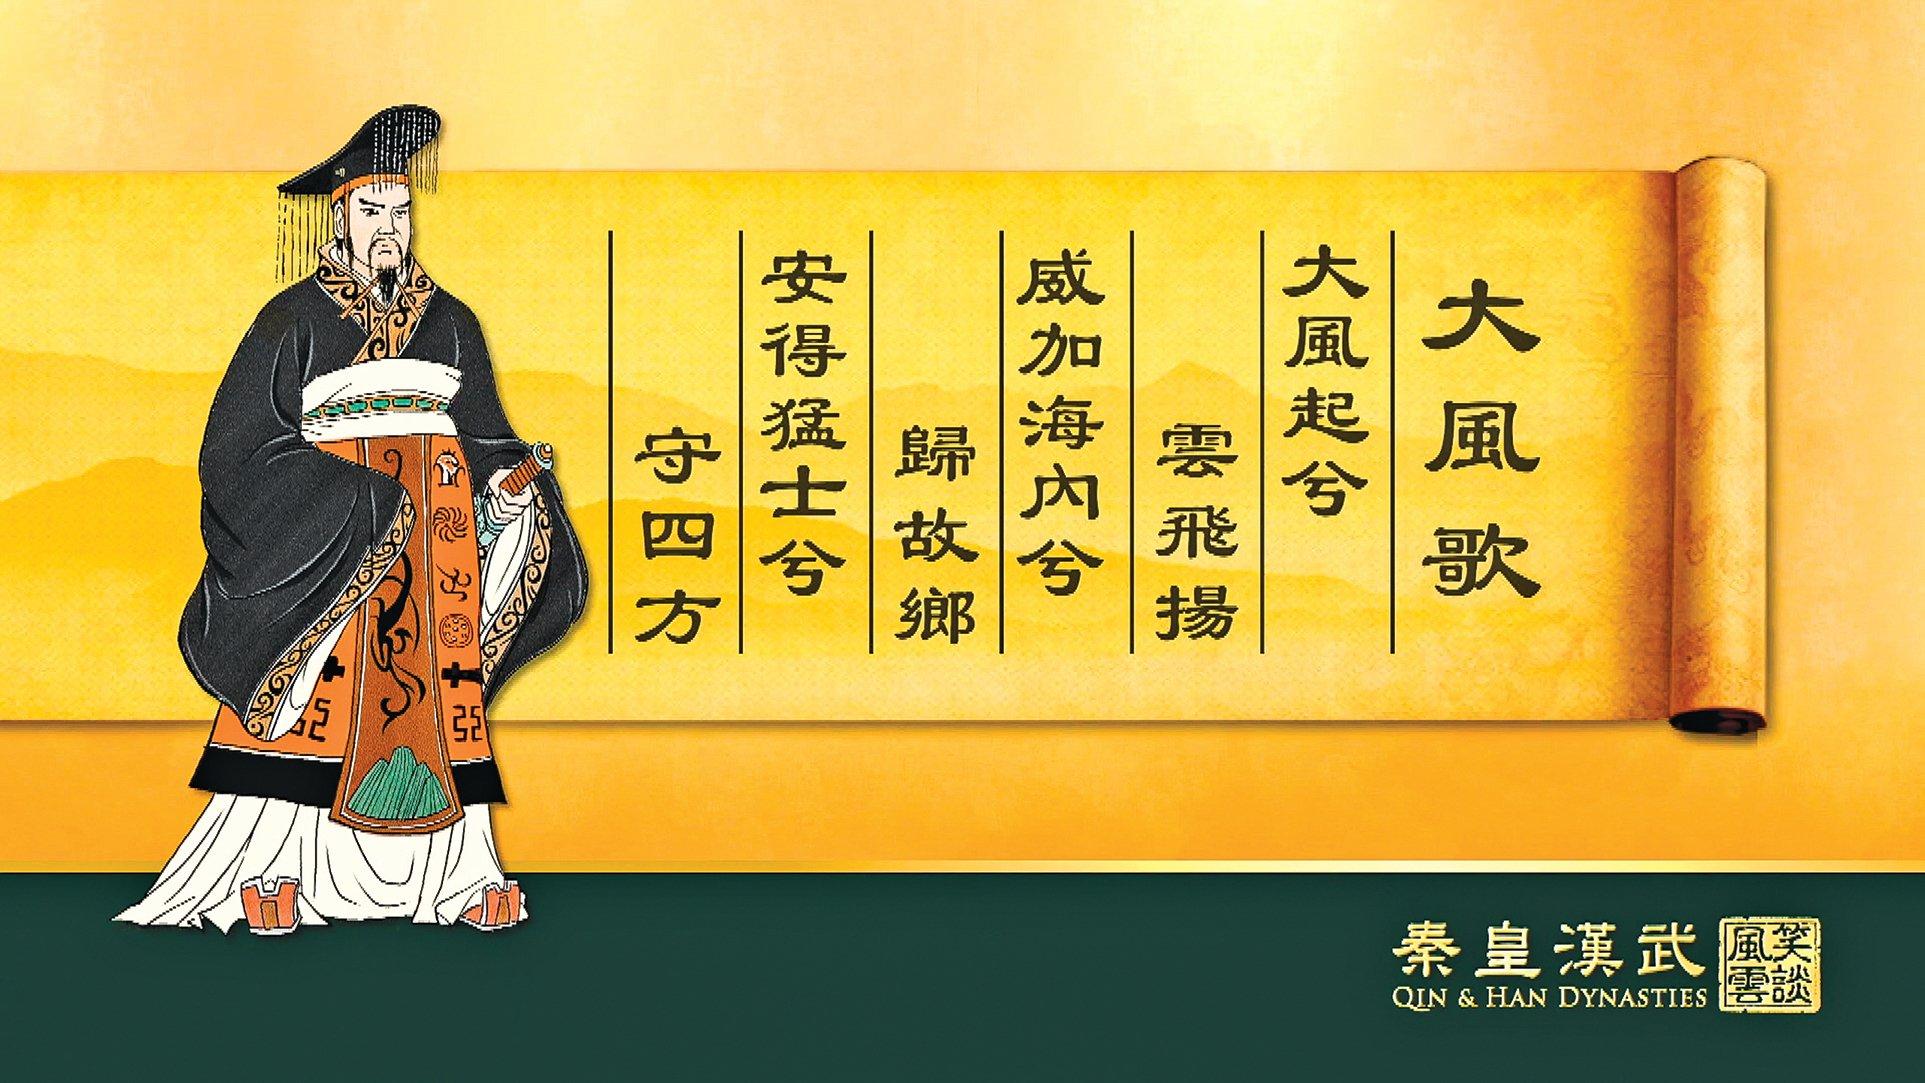 《大風歌》是漢朝開國皇帝劉邦在公元前195年初平定英布之亂後,回到故里沛縣,在宴請鄉鄰的酒宴上,酒酣耳熱之餘,擊筑而歌,《大風歌》由此問世。